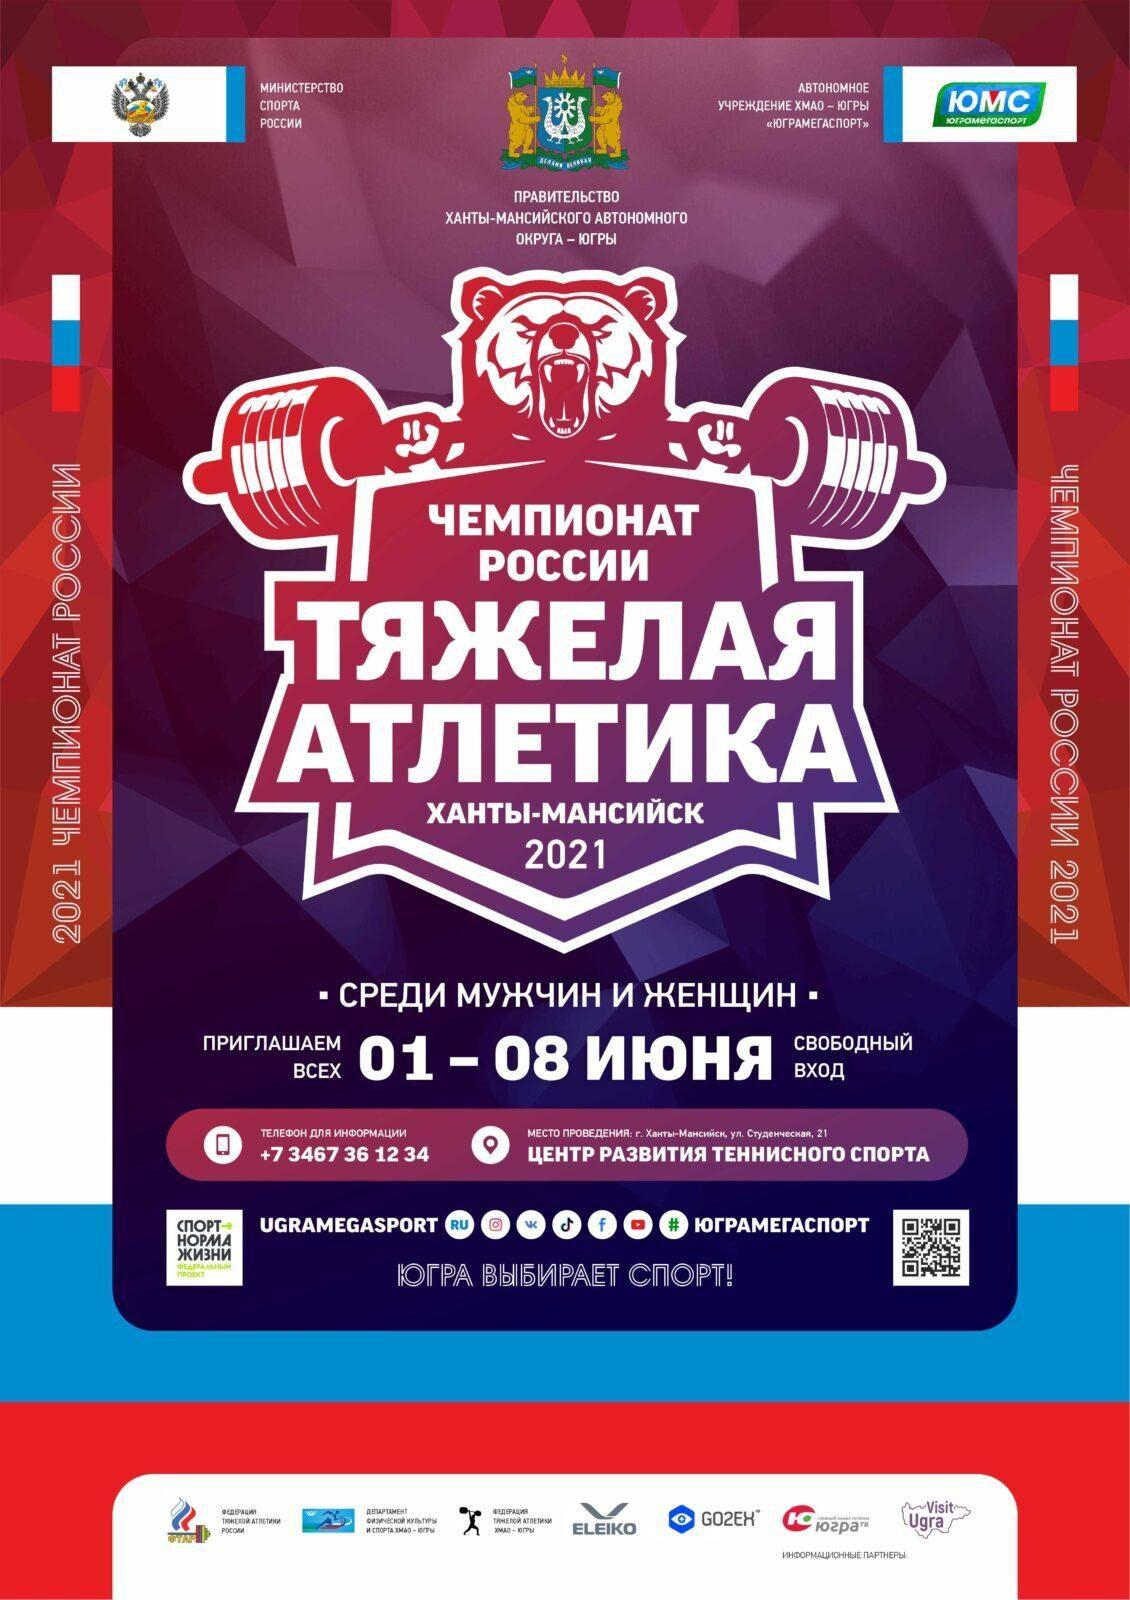 Чемпионат России по тяжелой атлетике. Последний день.